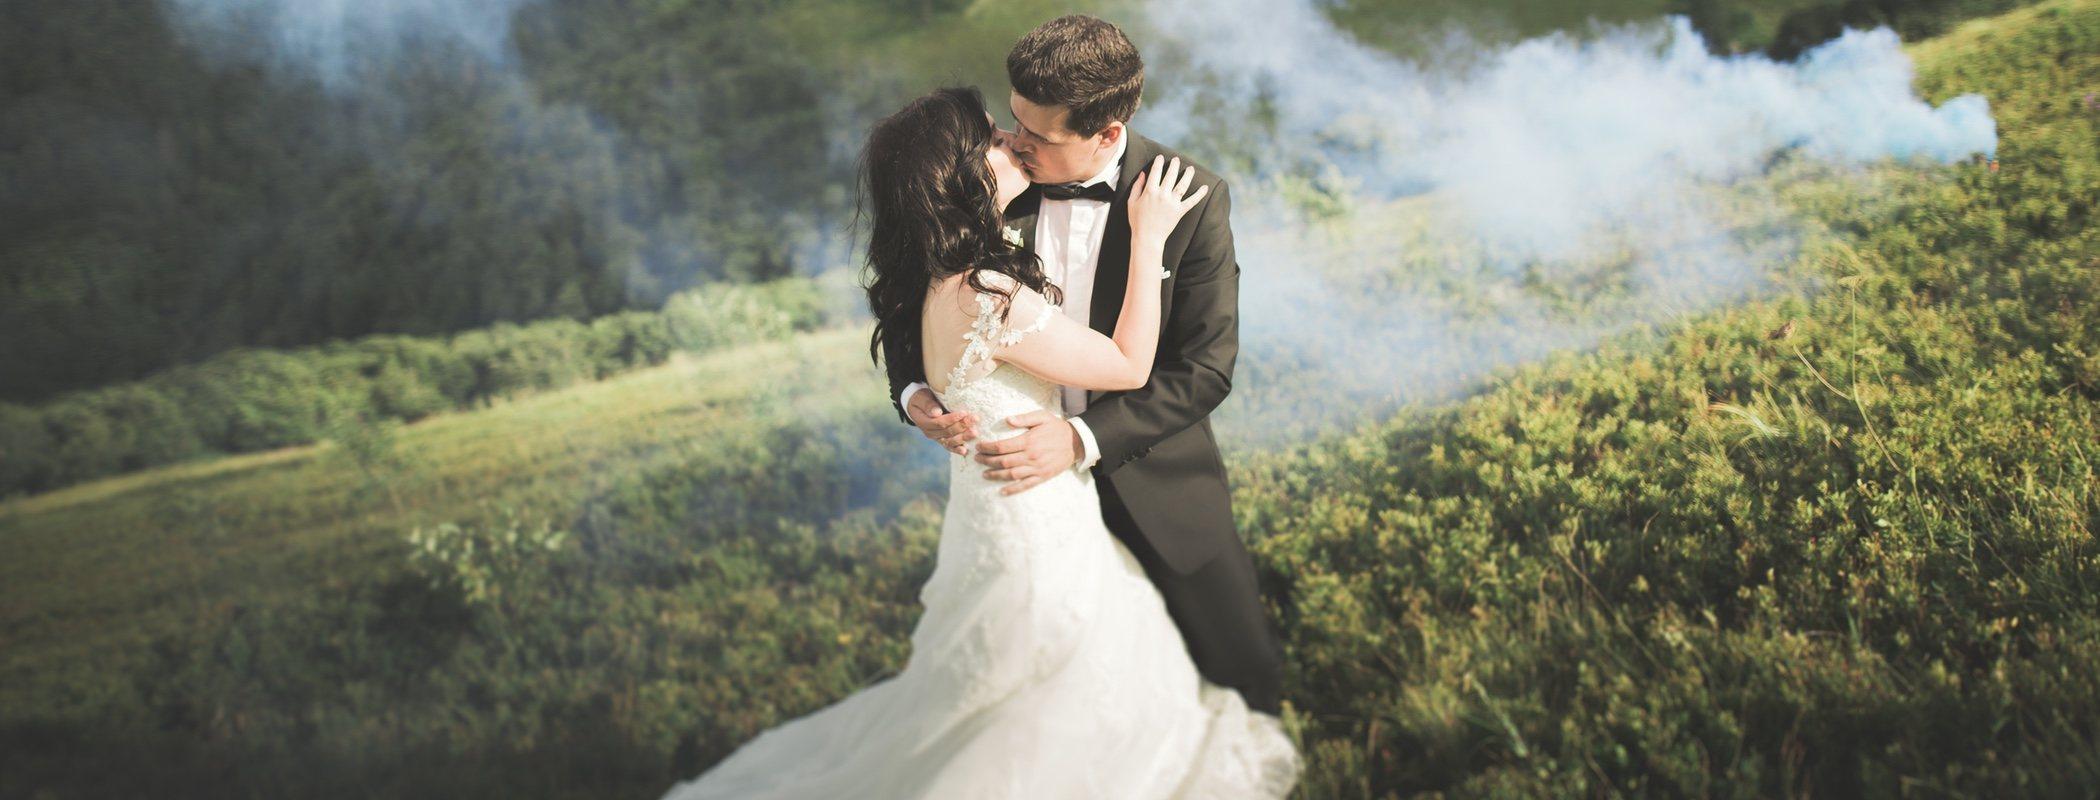 Cómo organizar una boda en el campo: todo lo que debes saber